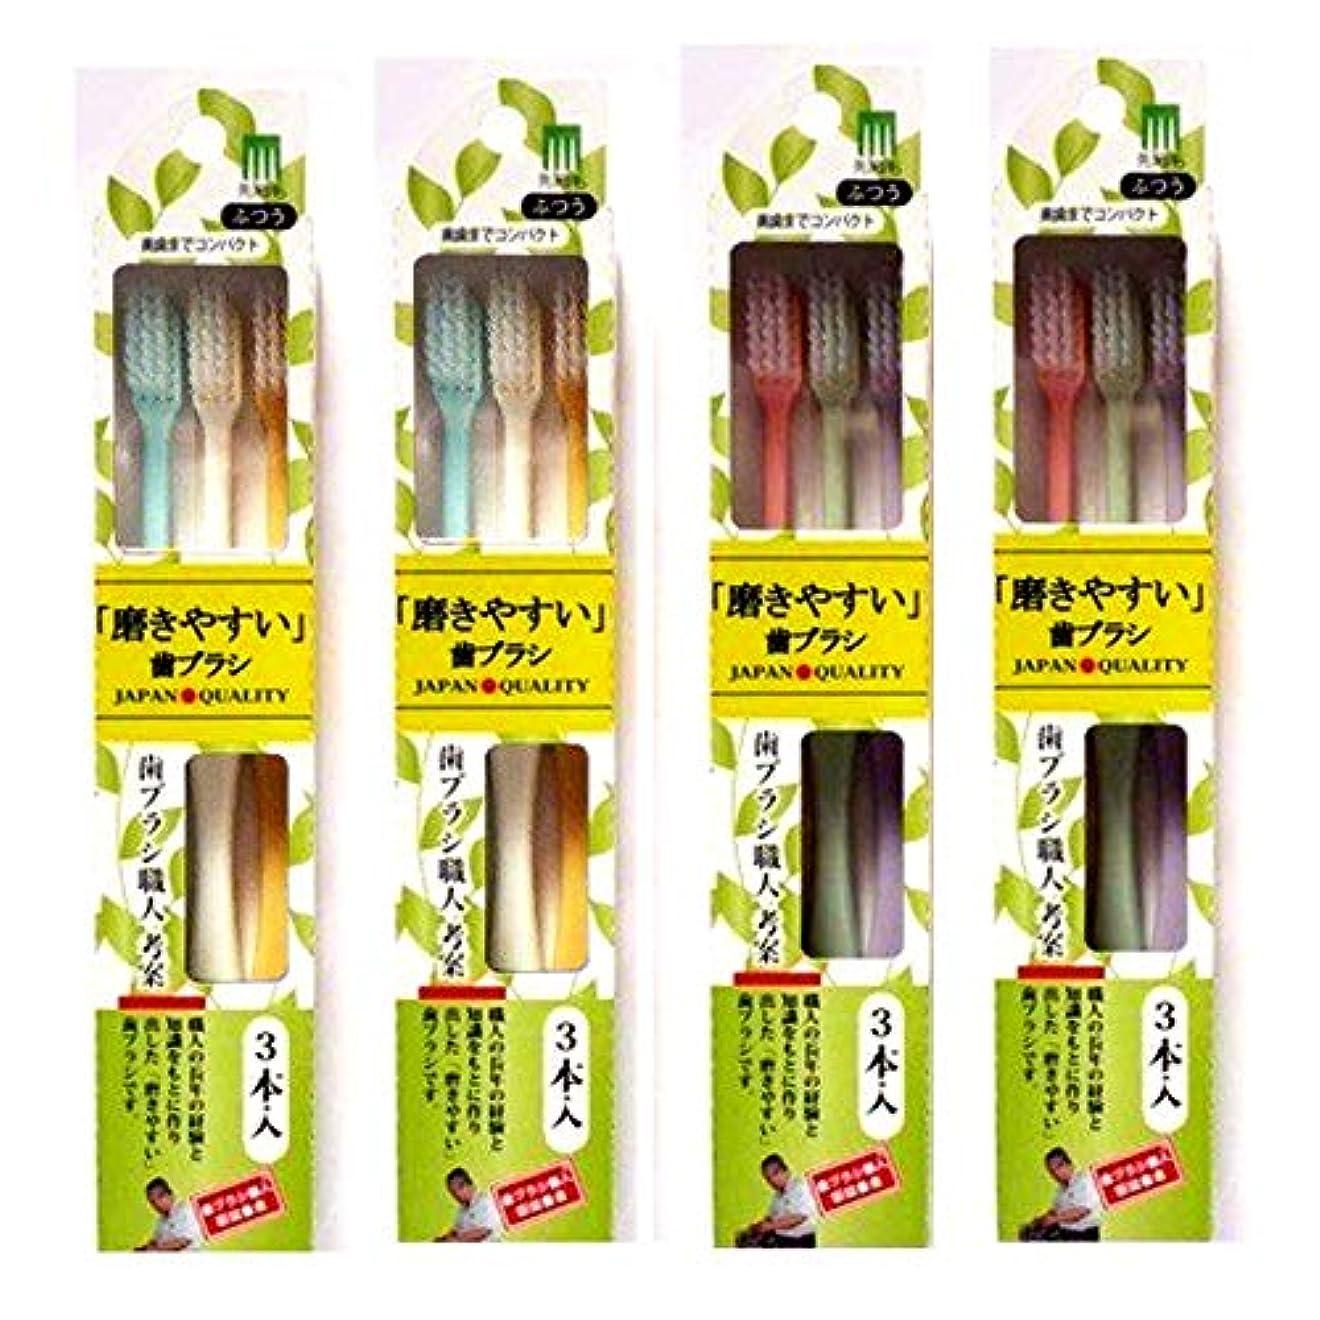 興味ストレッチバスト磨きやすい歯ブラシ (先細毛) 奥までコンパクト ELT-1 (3本組×4個セット)